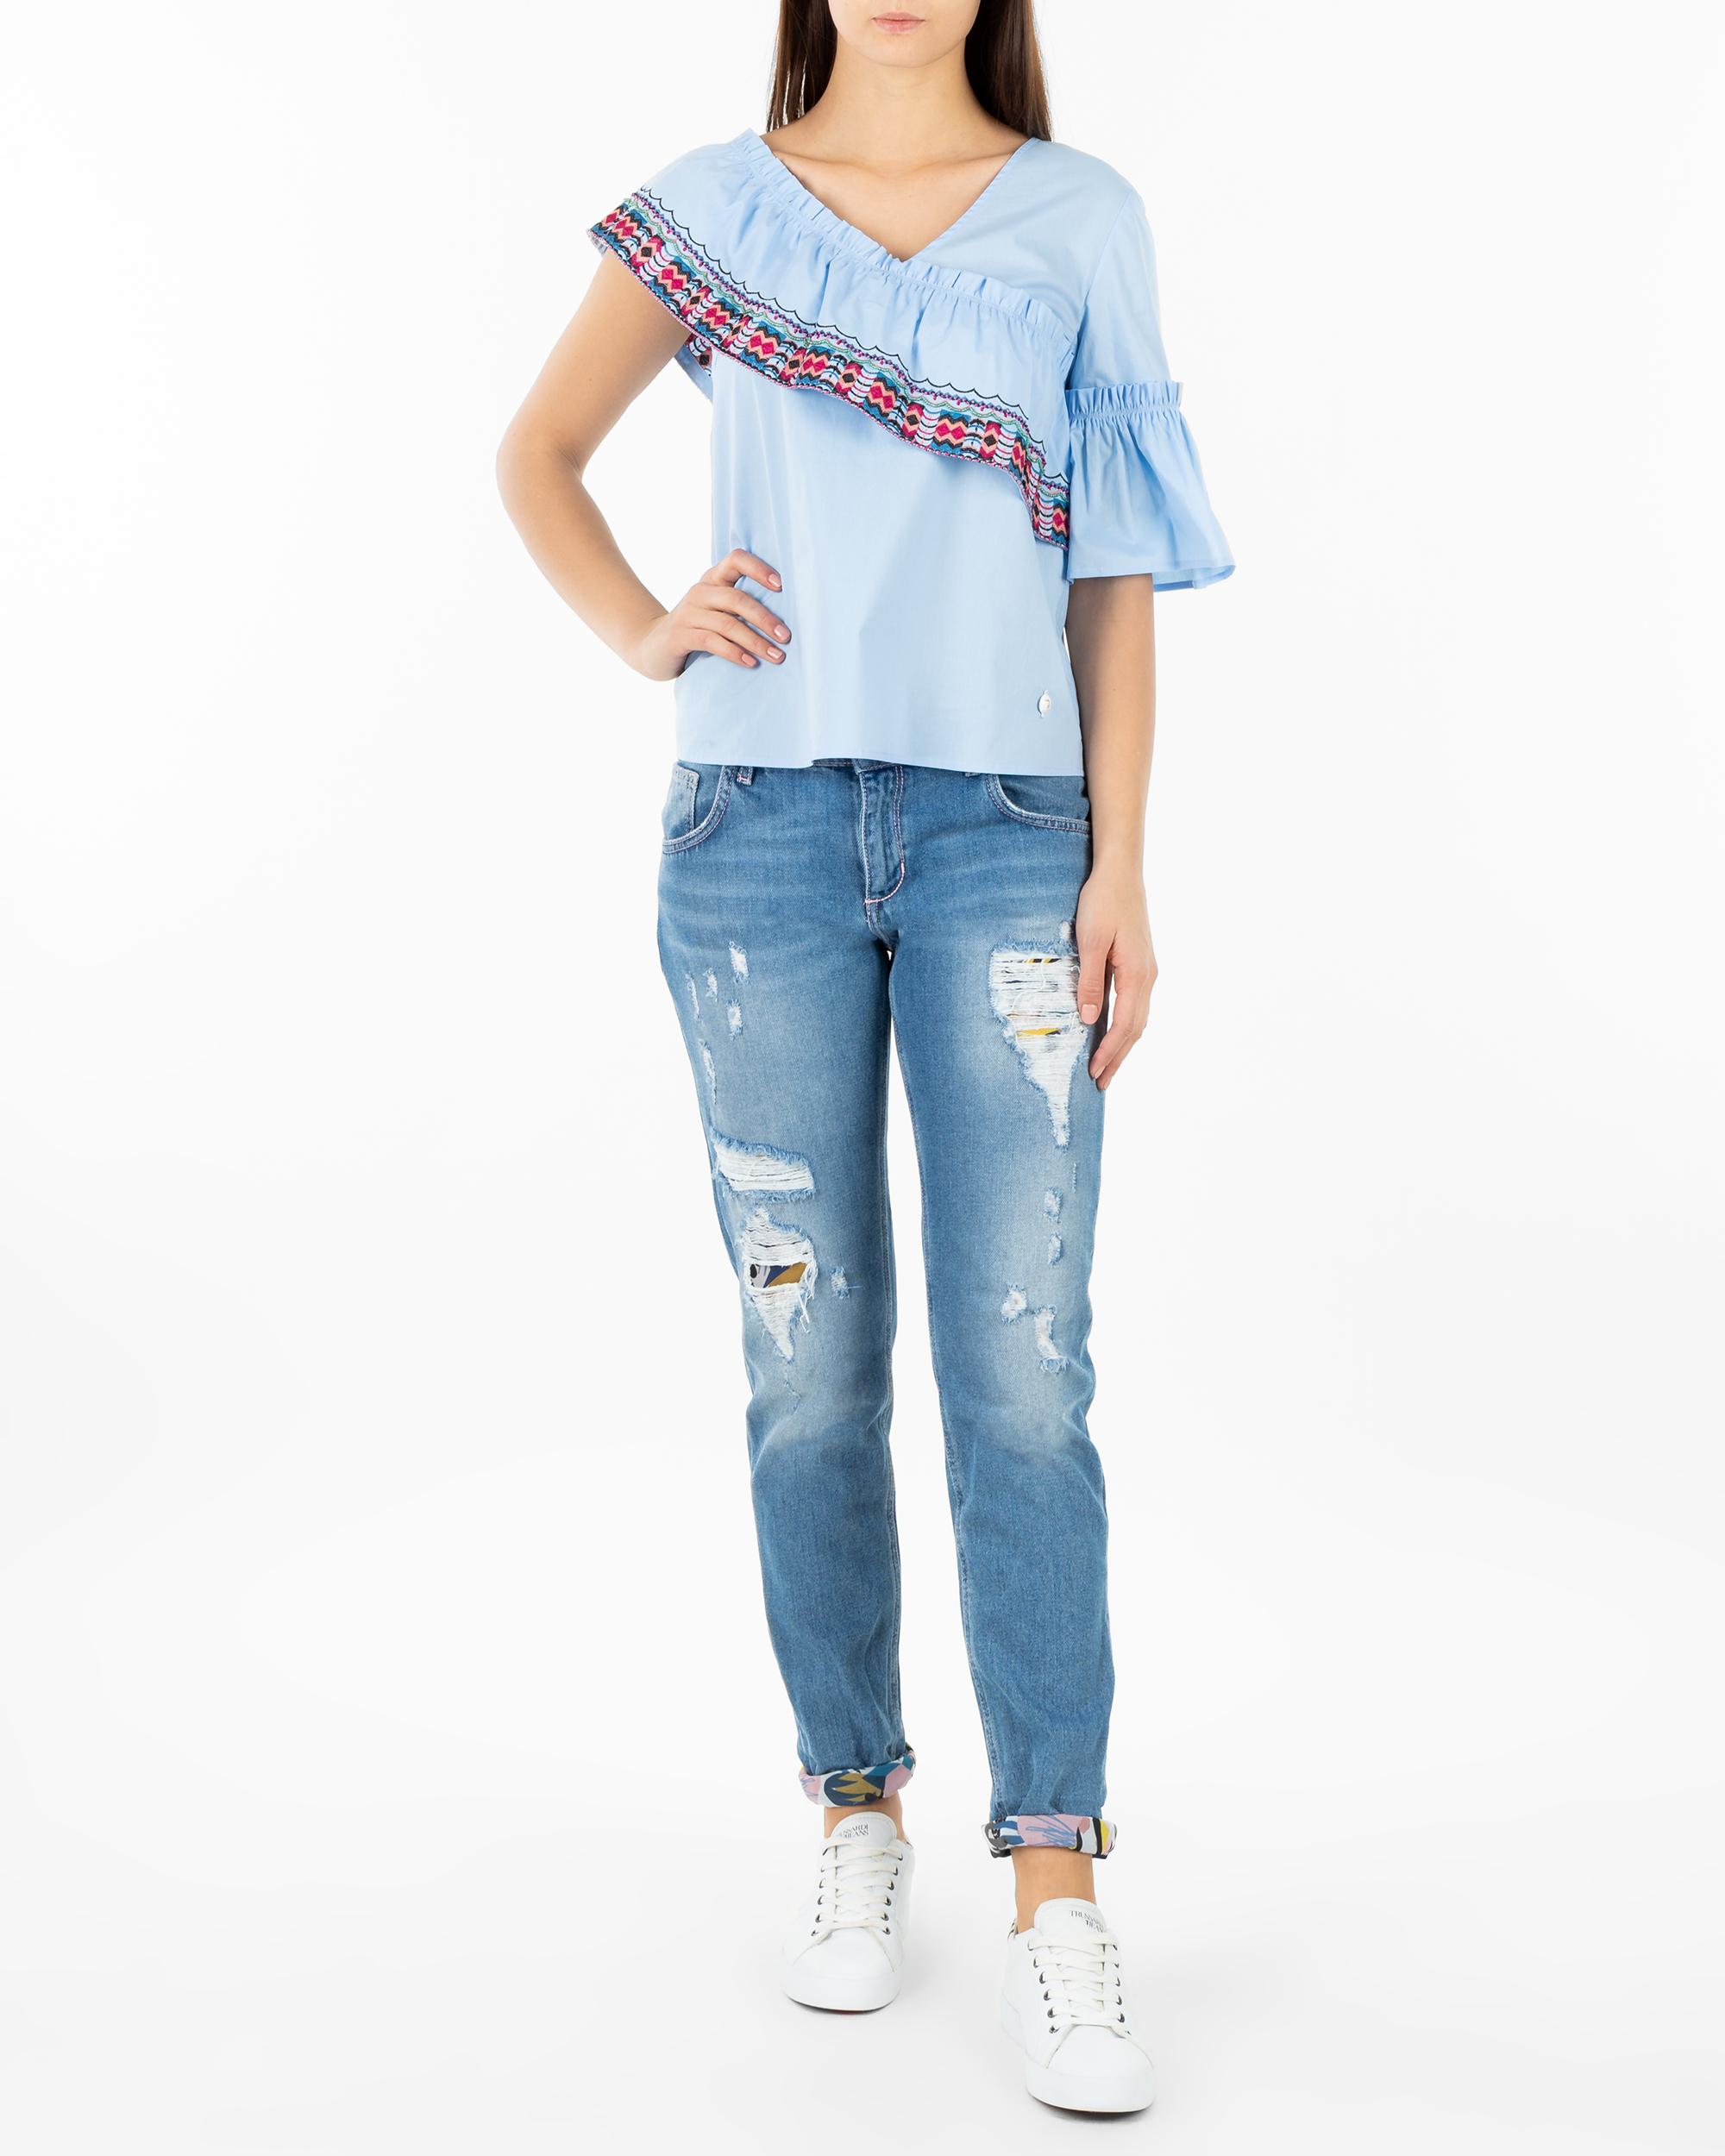 c784ee35c3 Bluza Trussardi Jeans 56C00194 1T002281 U140 niebieski - Royal ...